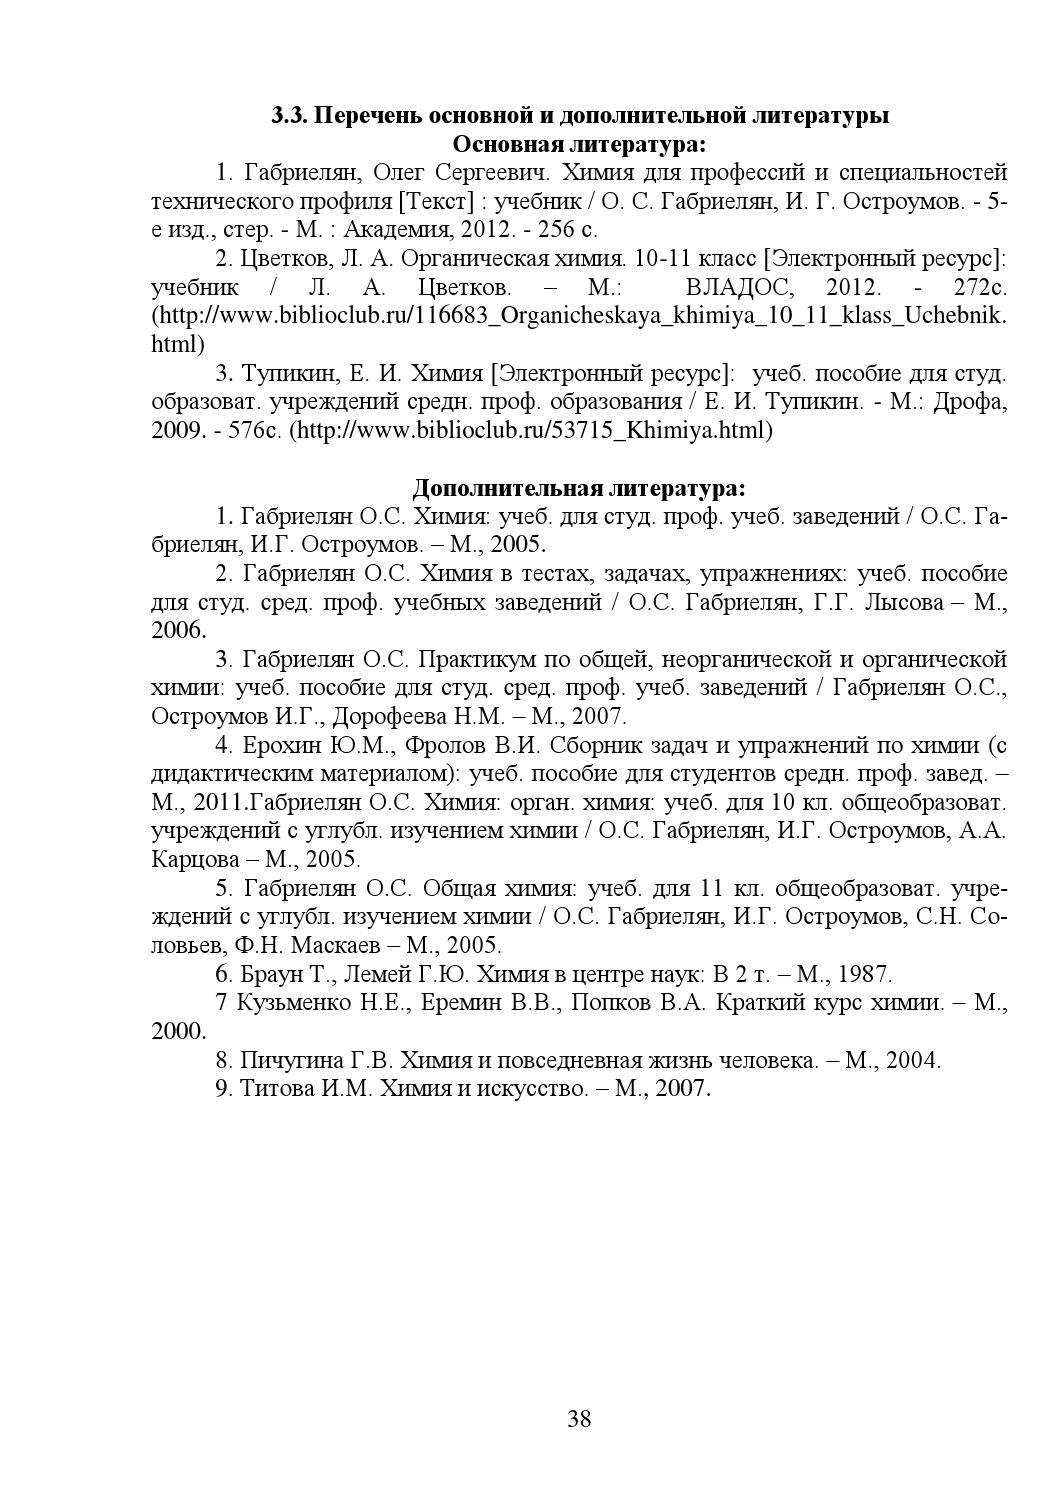 Гдз По Химии Габриелян И Остроумов Для И Специальностей Технического Профиля